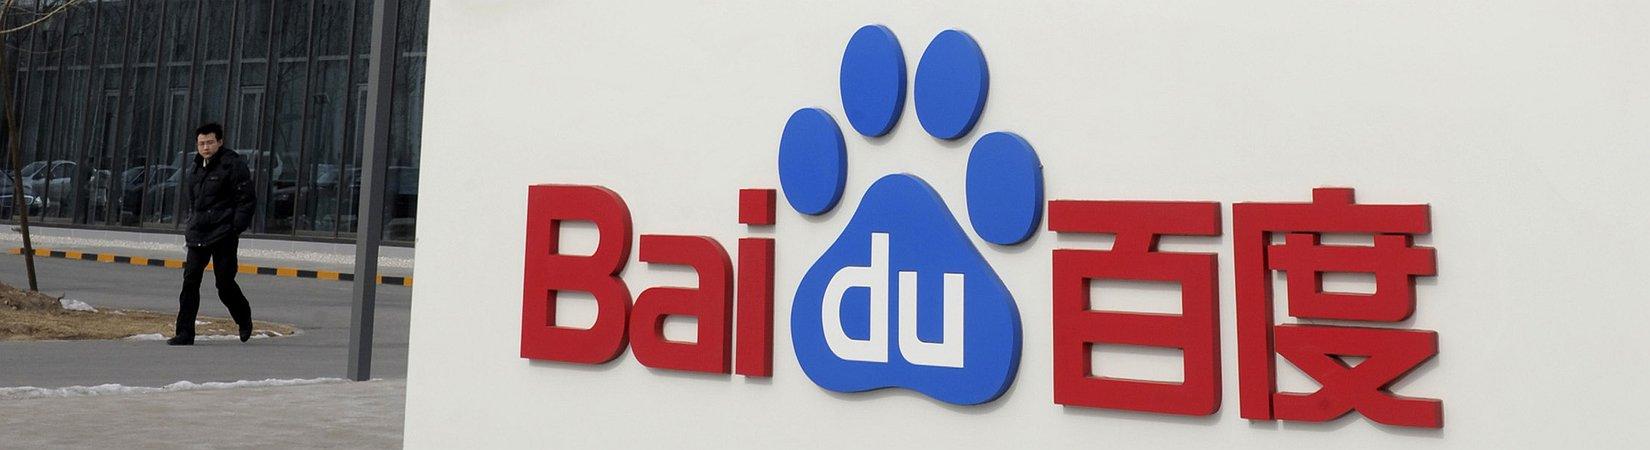 ¿Cuánto dinero gana el gigante tecnológico Baidu?